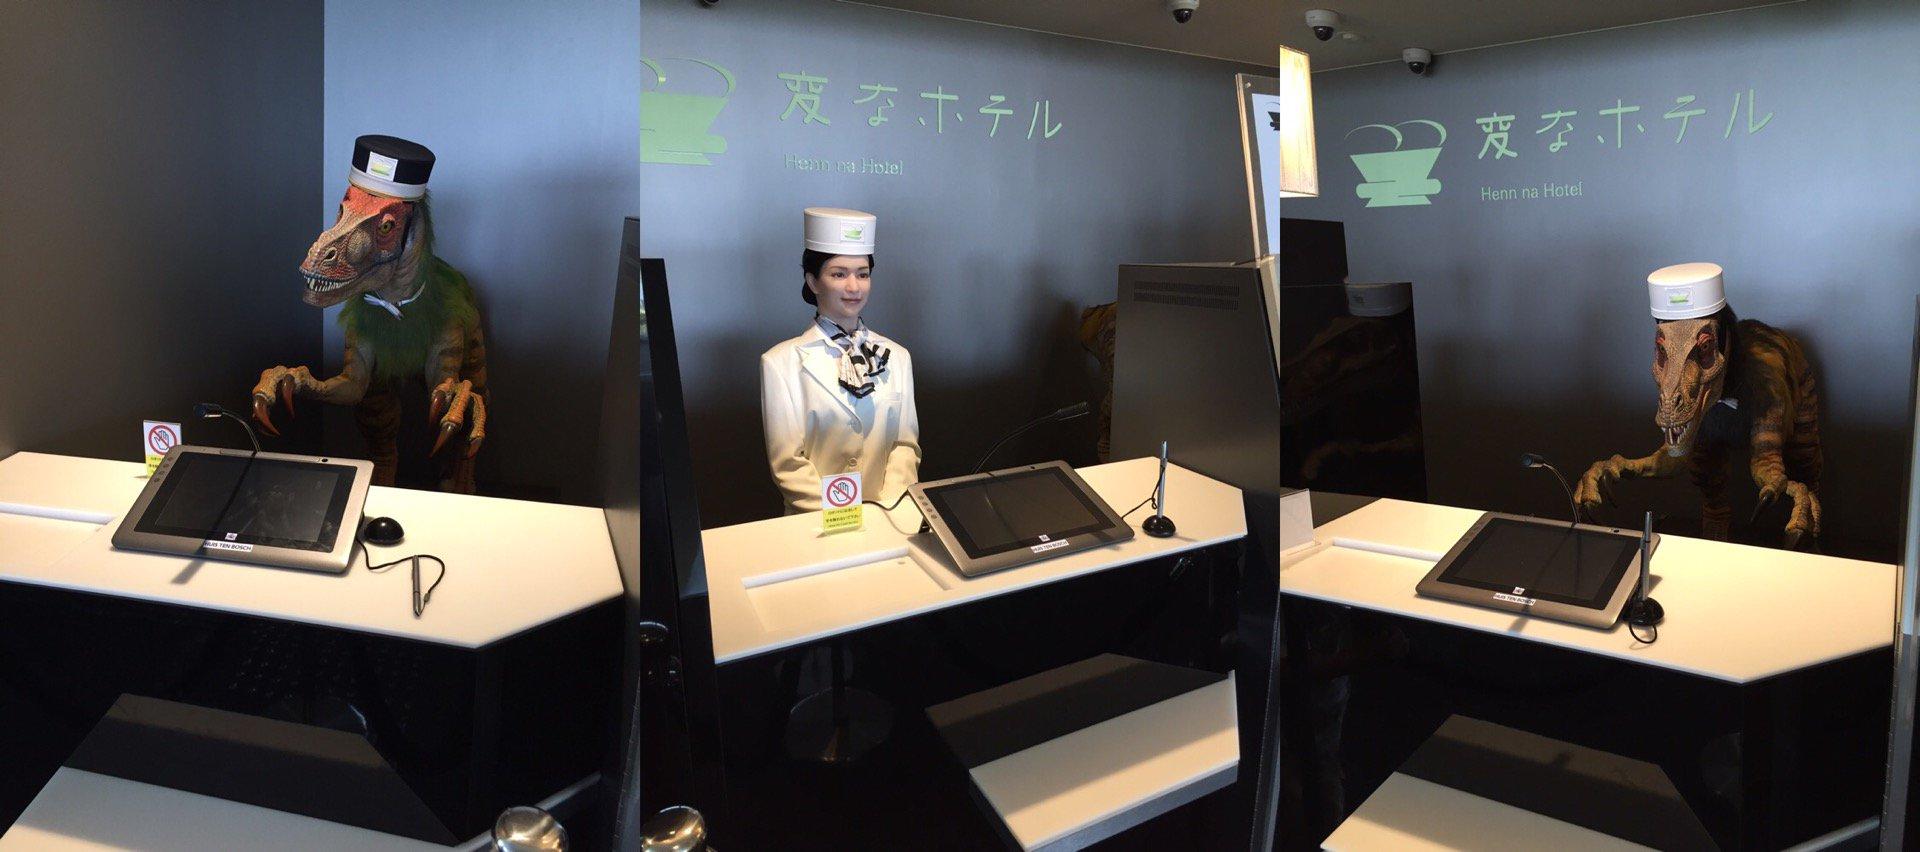 ロボットが働く『変なホテル』に泊まってきた